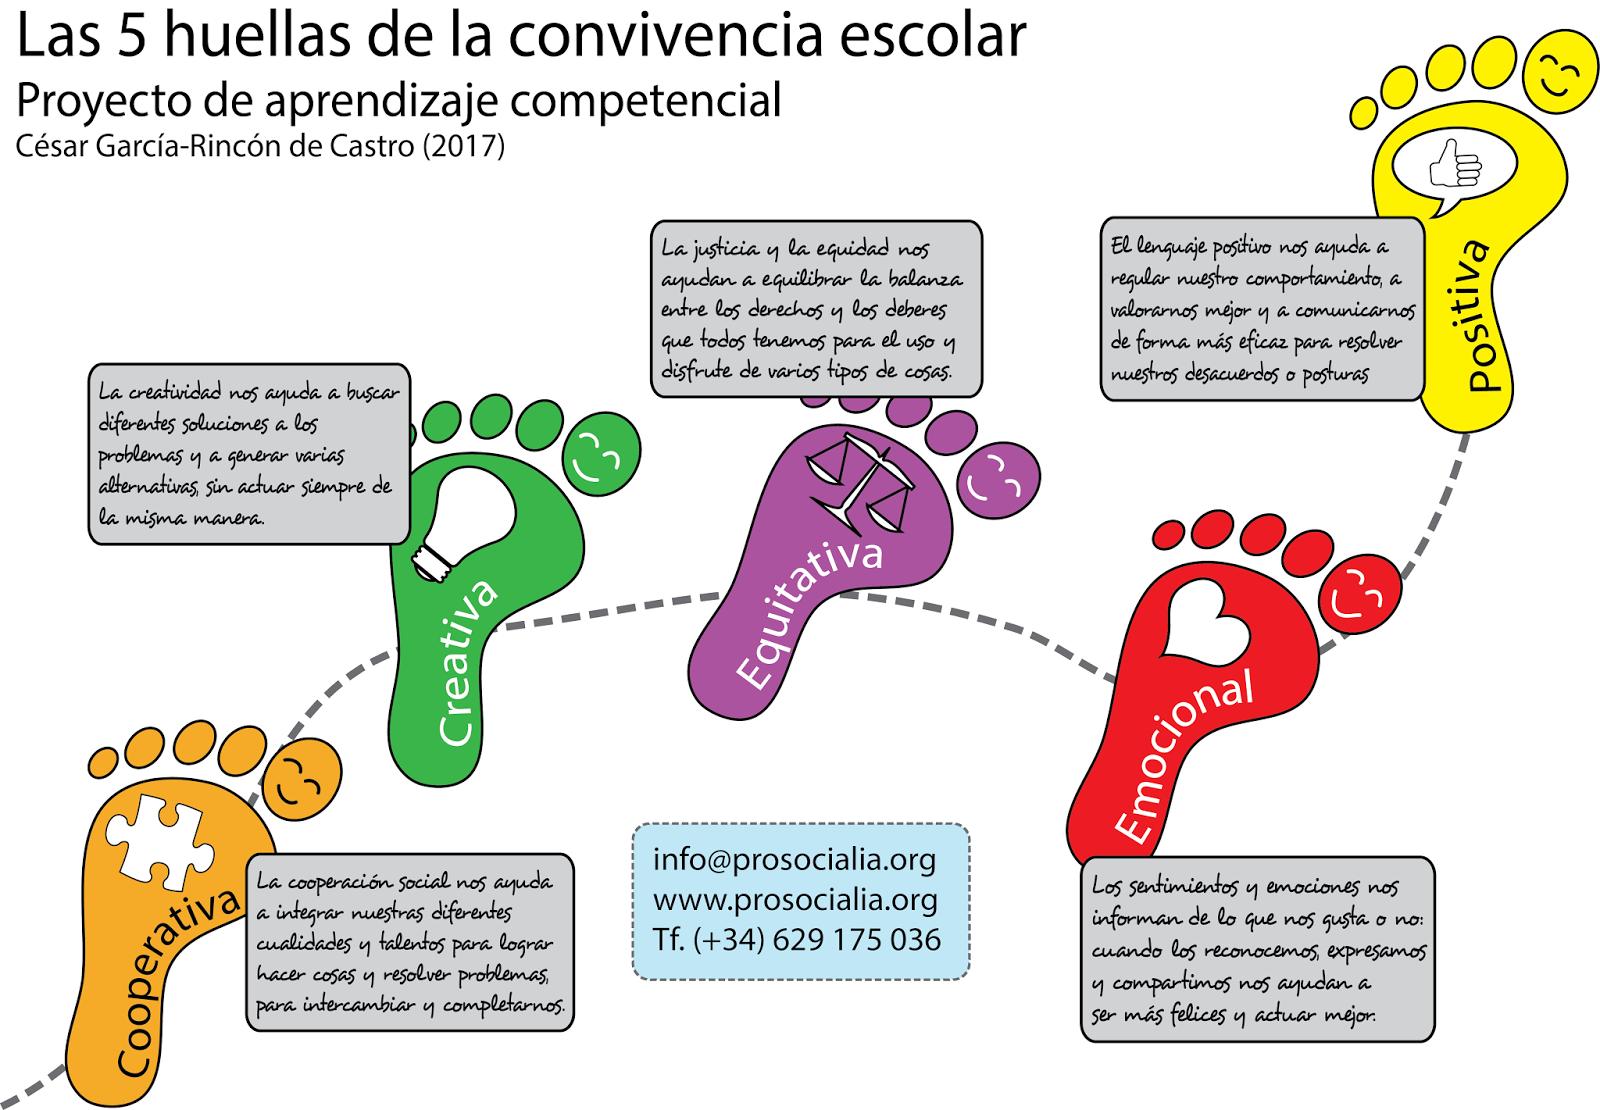 ProSocialia: Las 5 Huellas de la Convivencia Escolar: un proyecto ...